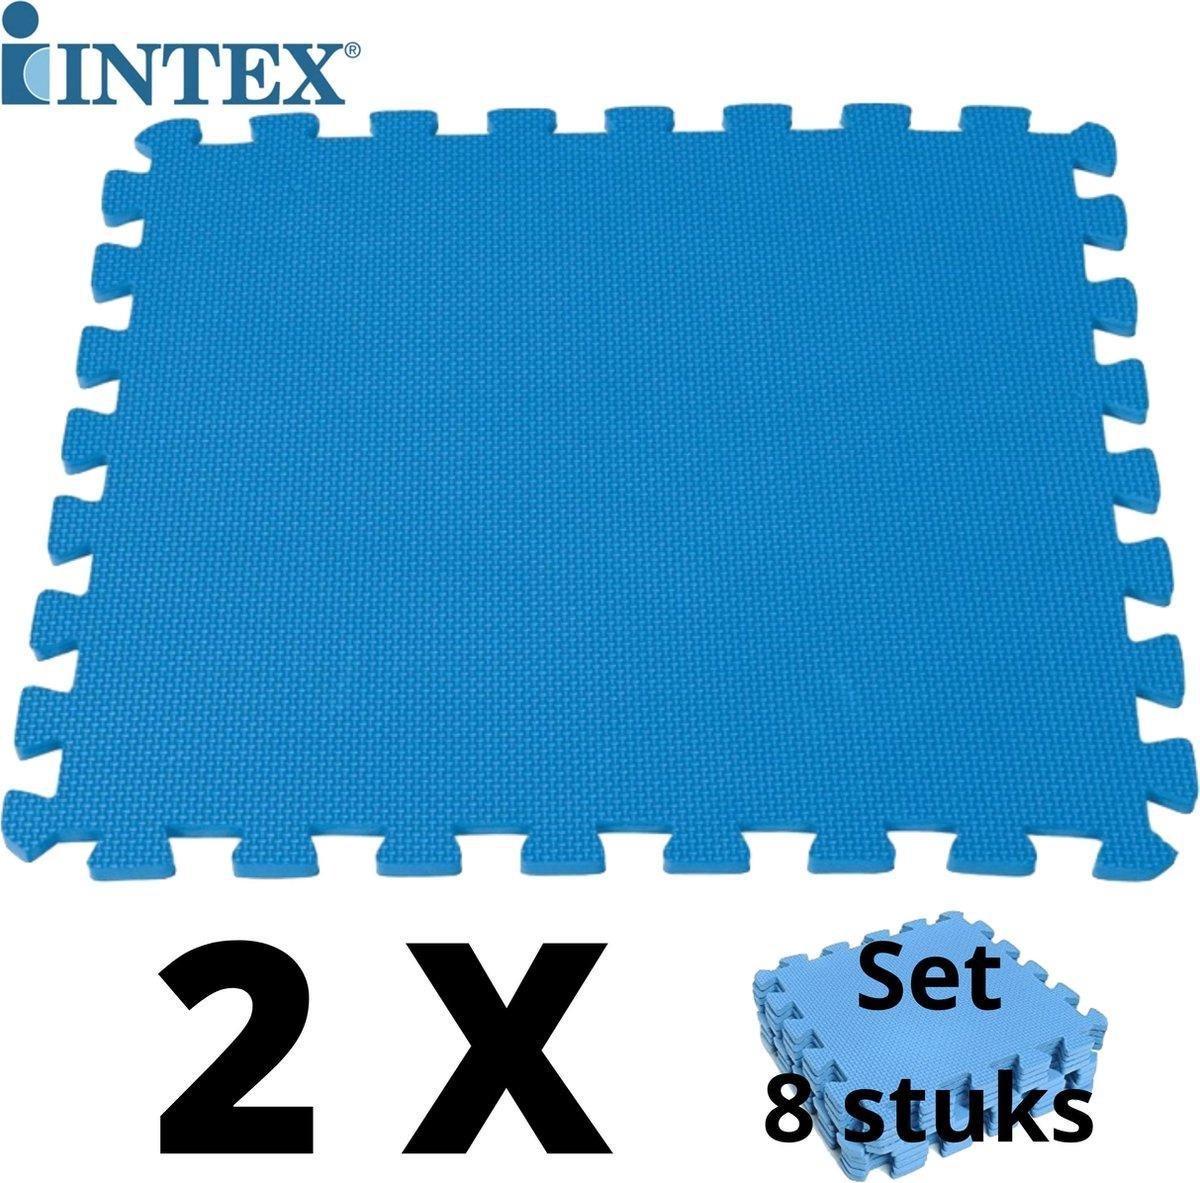 16 tegels - 4m2 + Cleaner - Intex Zwembad tegels - 50 x 50 x 1 - Dikke tegels - Foam Ondergrond + Officiële Zwembadtegel Cleaner Intex